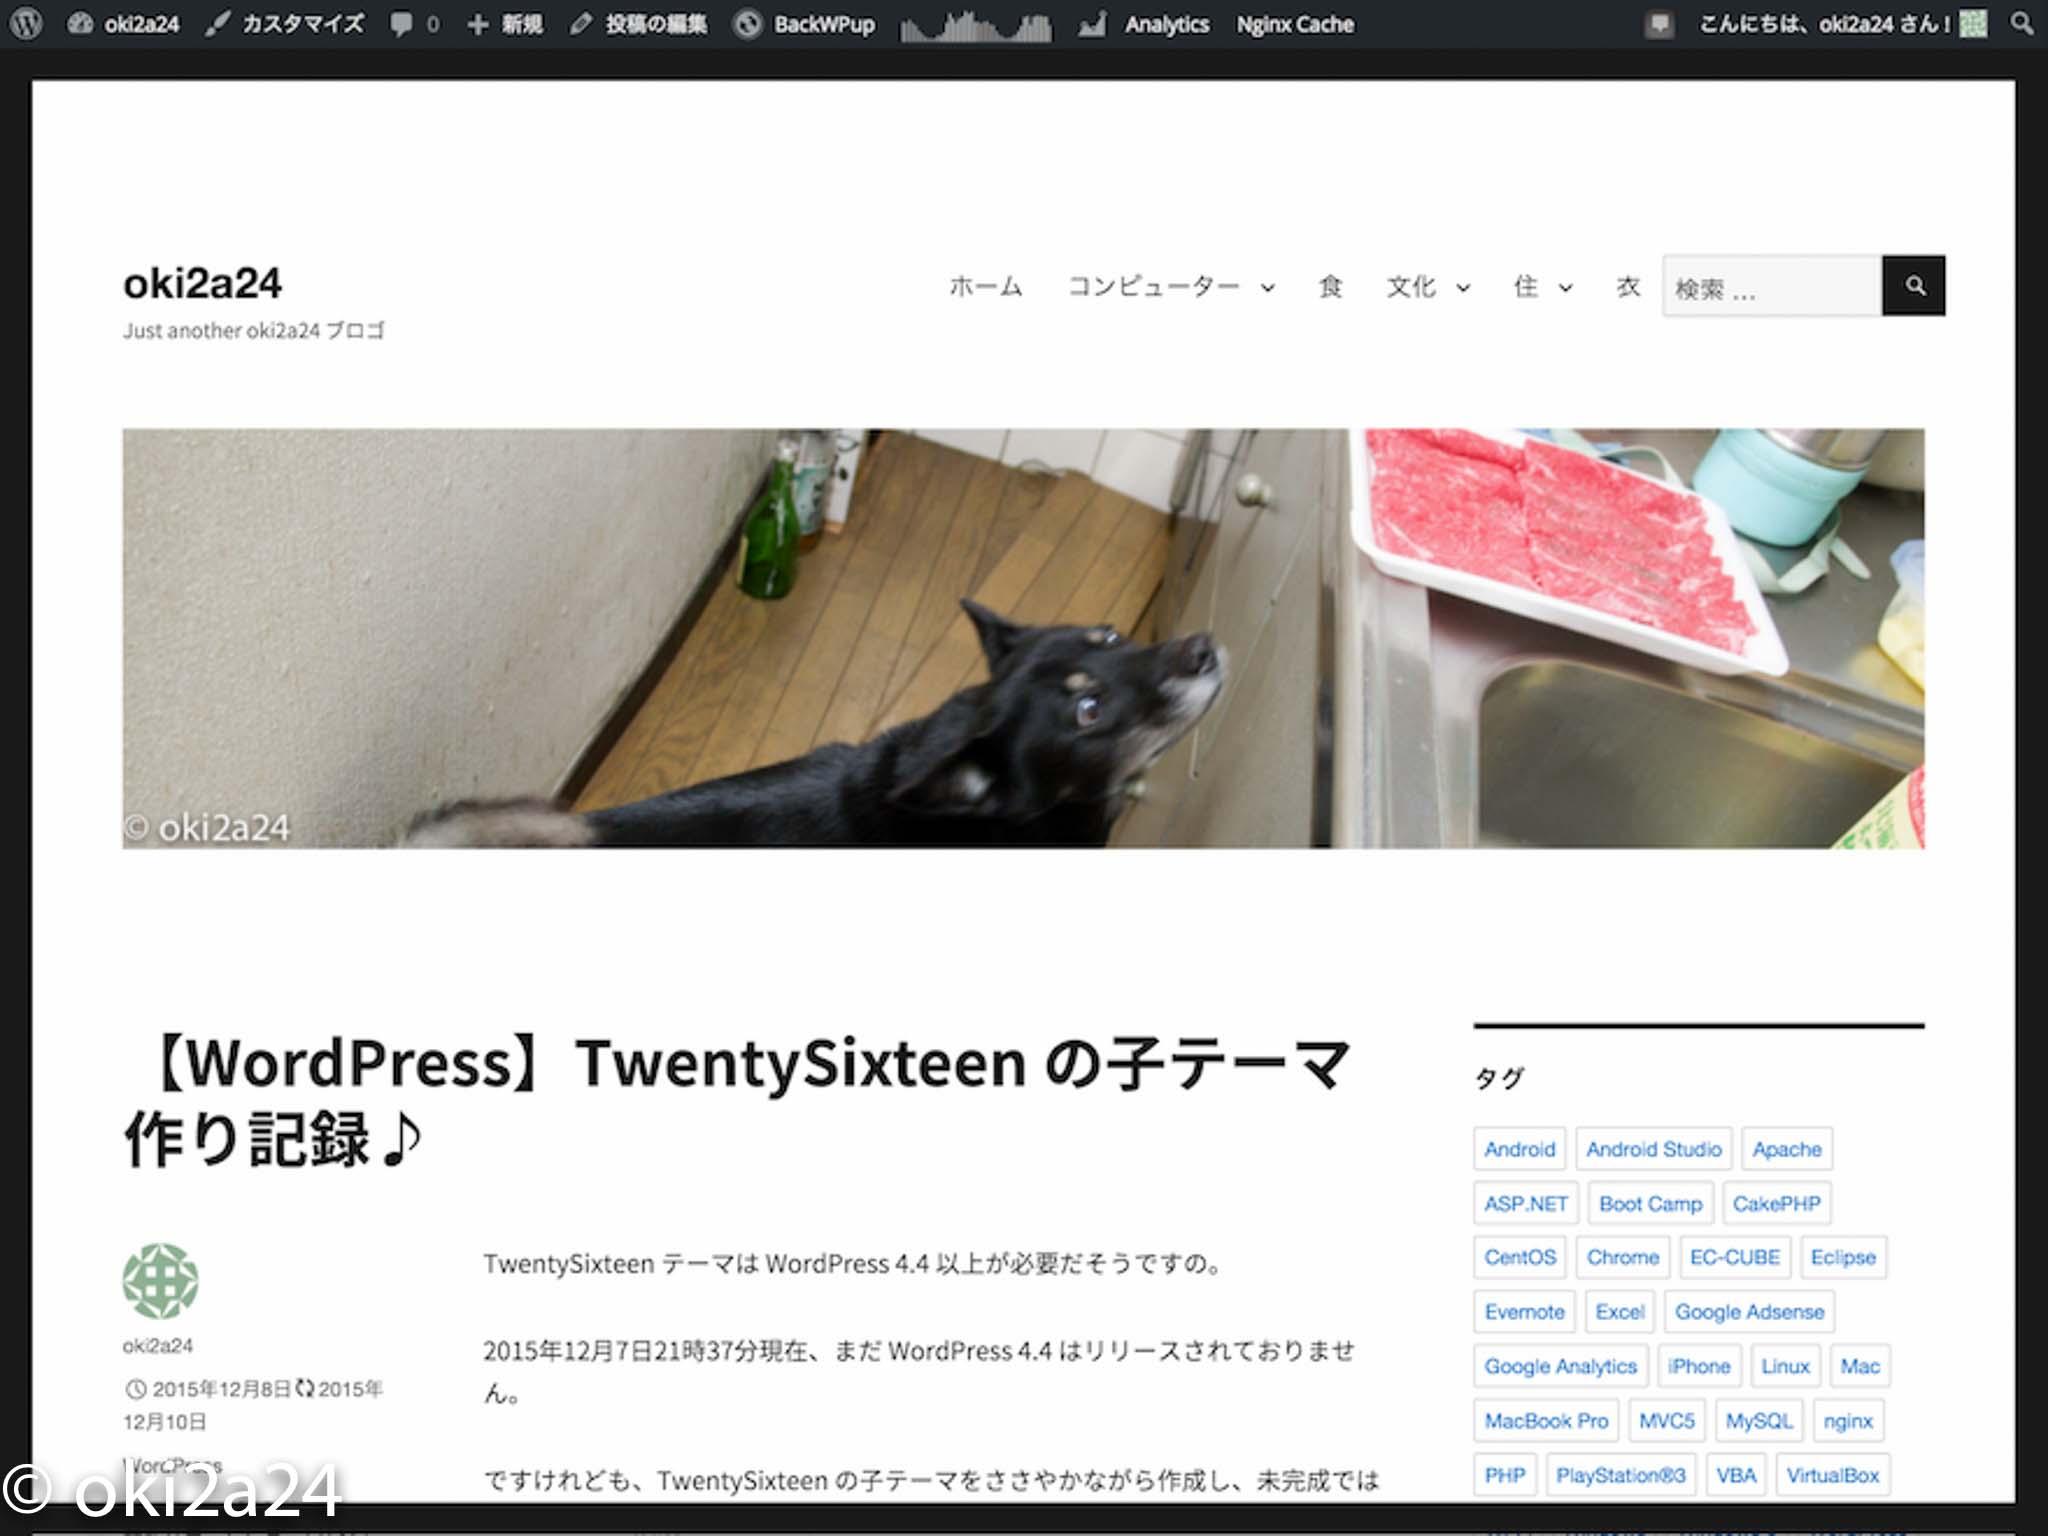 完成した TwentySixteen 子テーマ